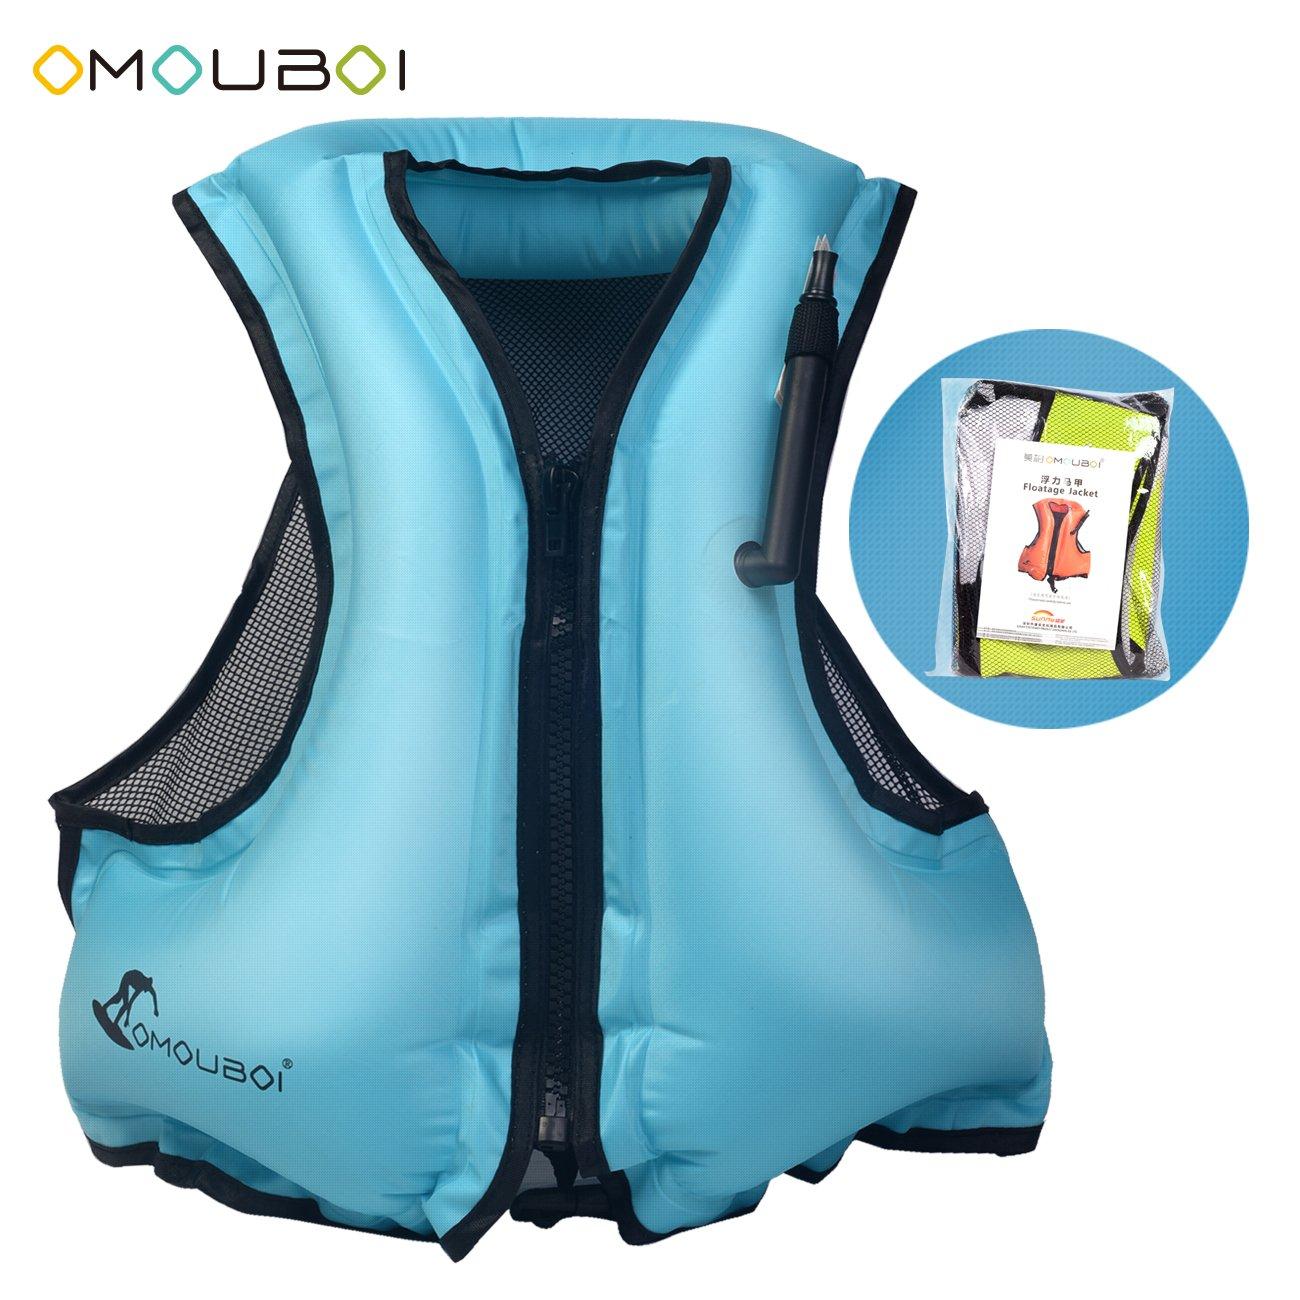 OMOUBOI 空気注入式ライフジャケット 大人用 シュノーケルベスト ライフベスト 水泳&ダイビング用 80~220ポンド B07GHDJB5T ブルー  ブルー